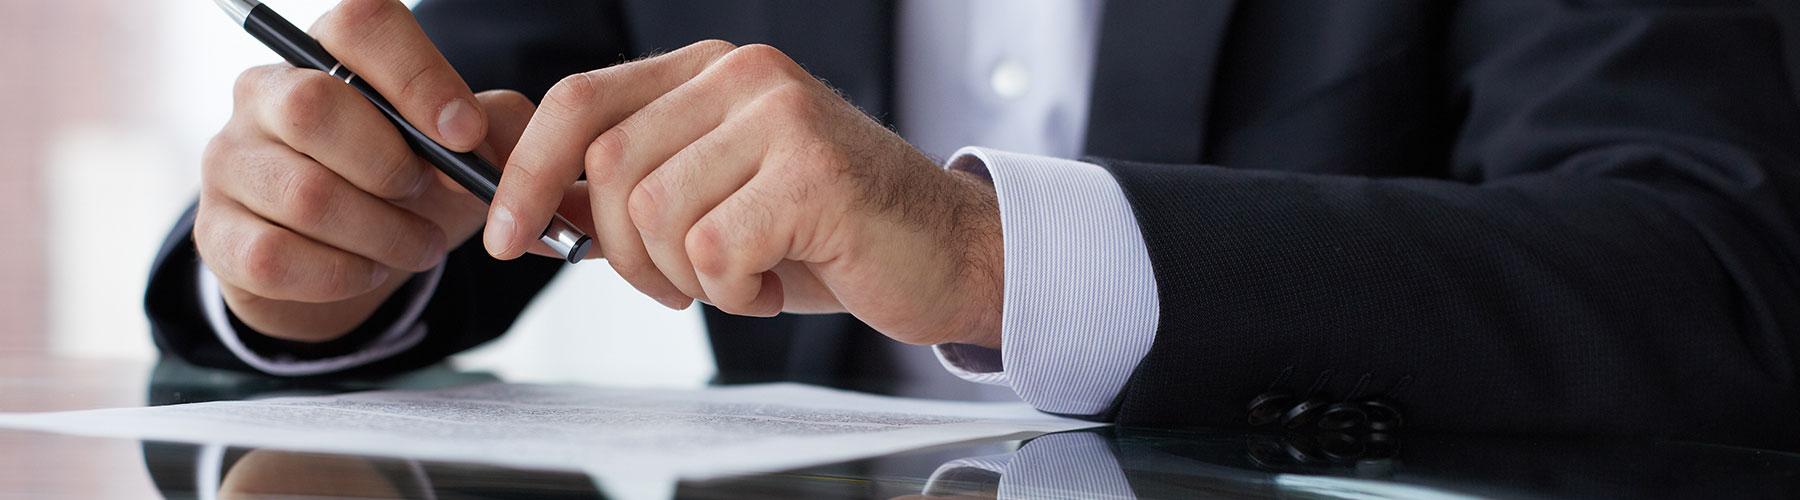 Obbligo Di Firma Durata Massima.Contratto Di Lavoro A Tempo Determinato Tutto Cio Che Devi